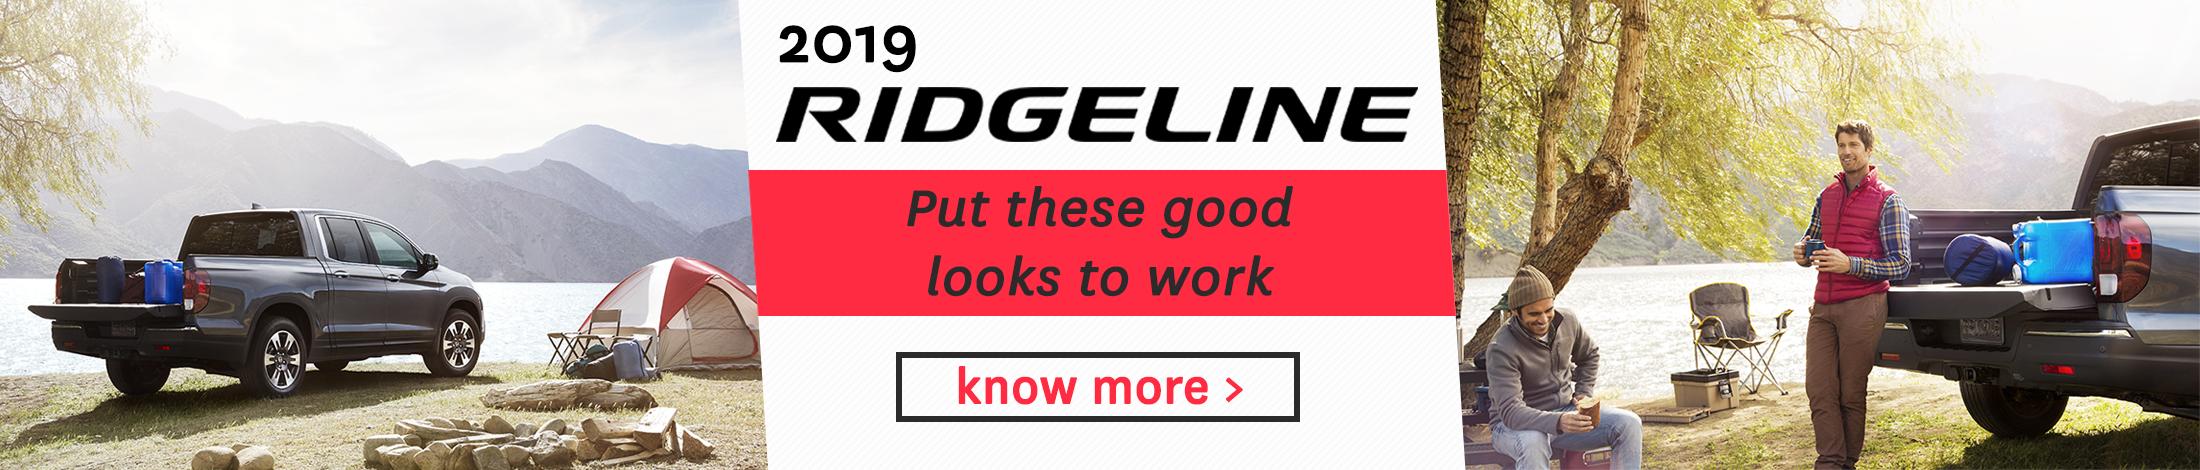 2019 Ridgeline